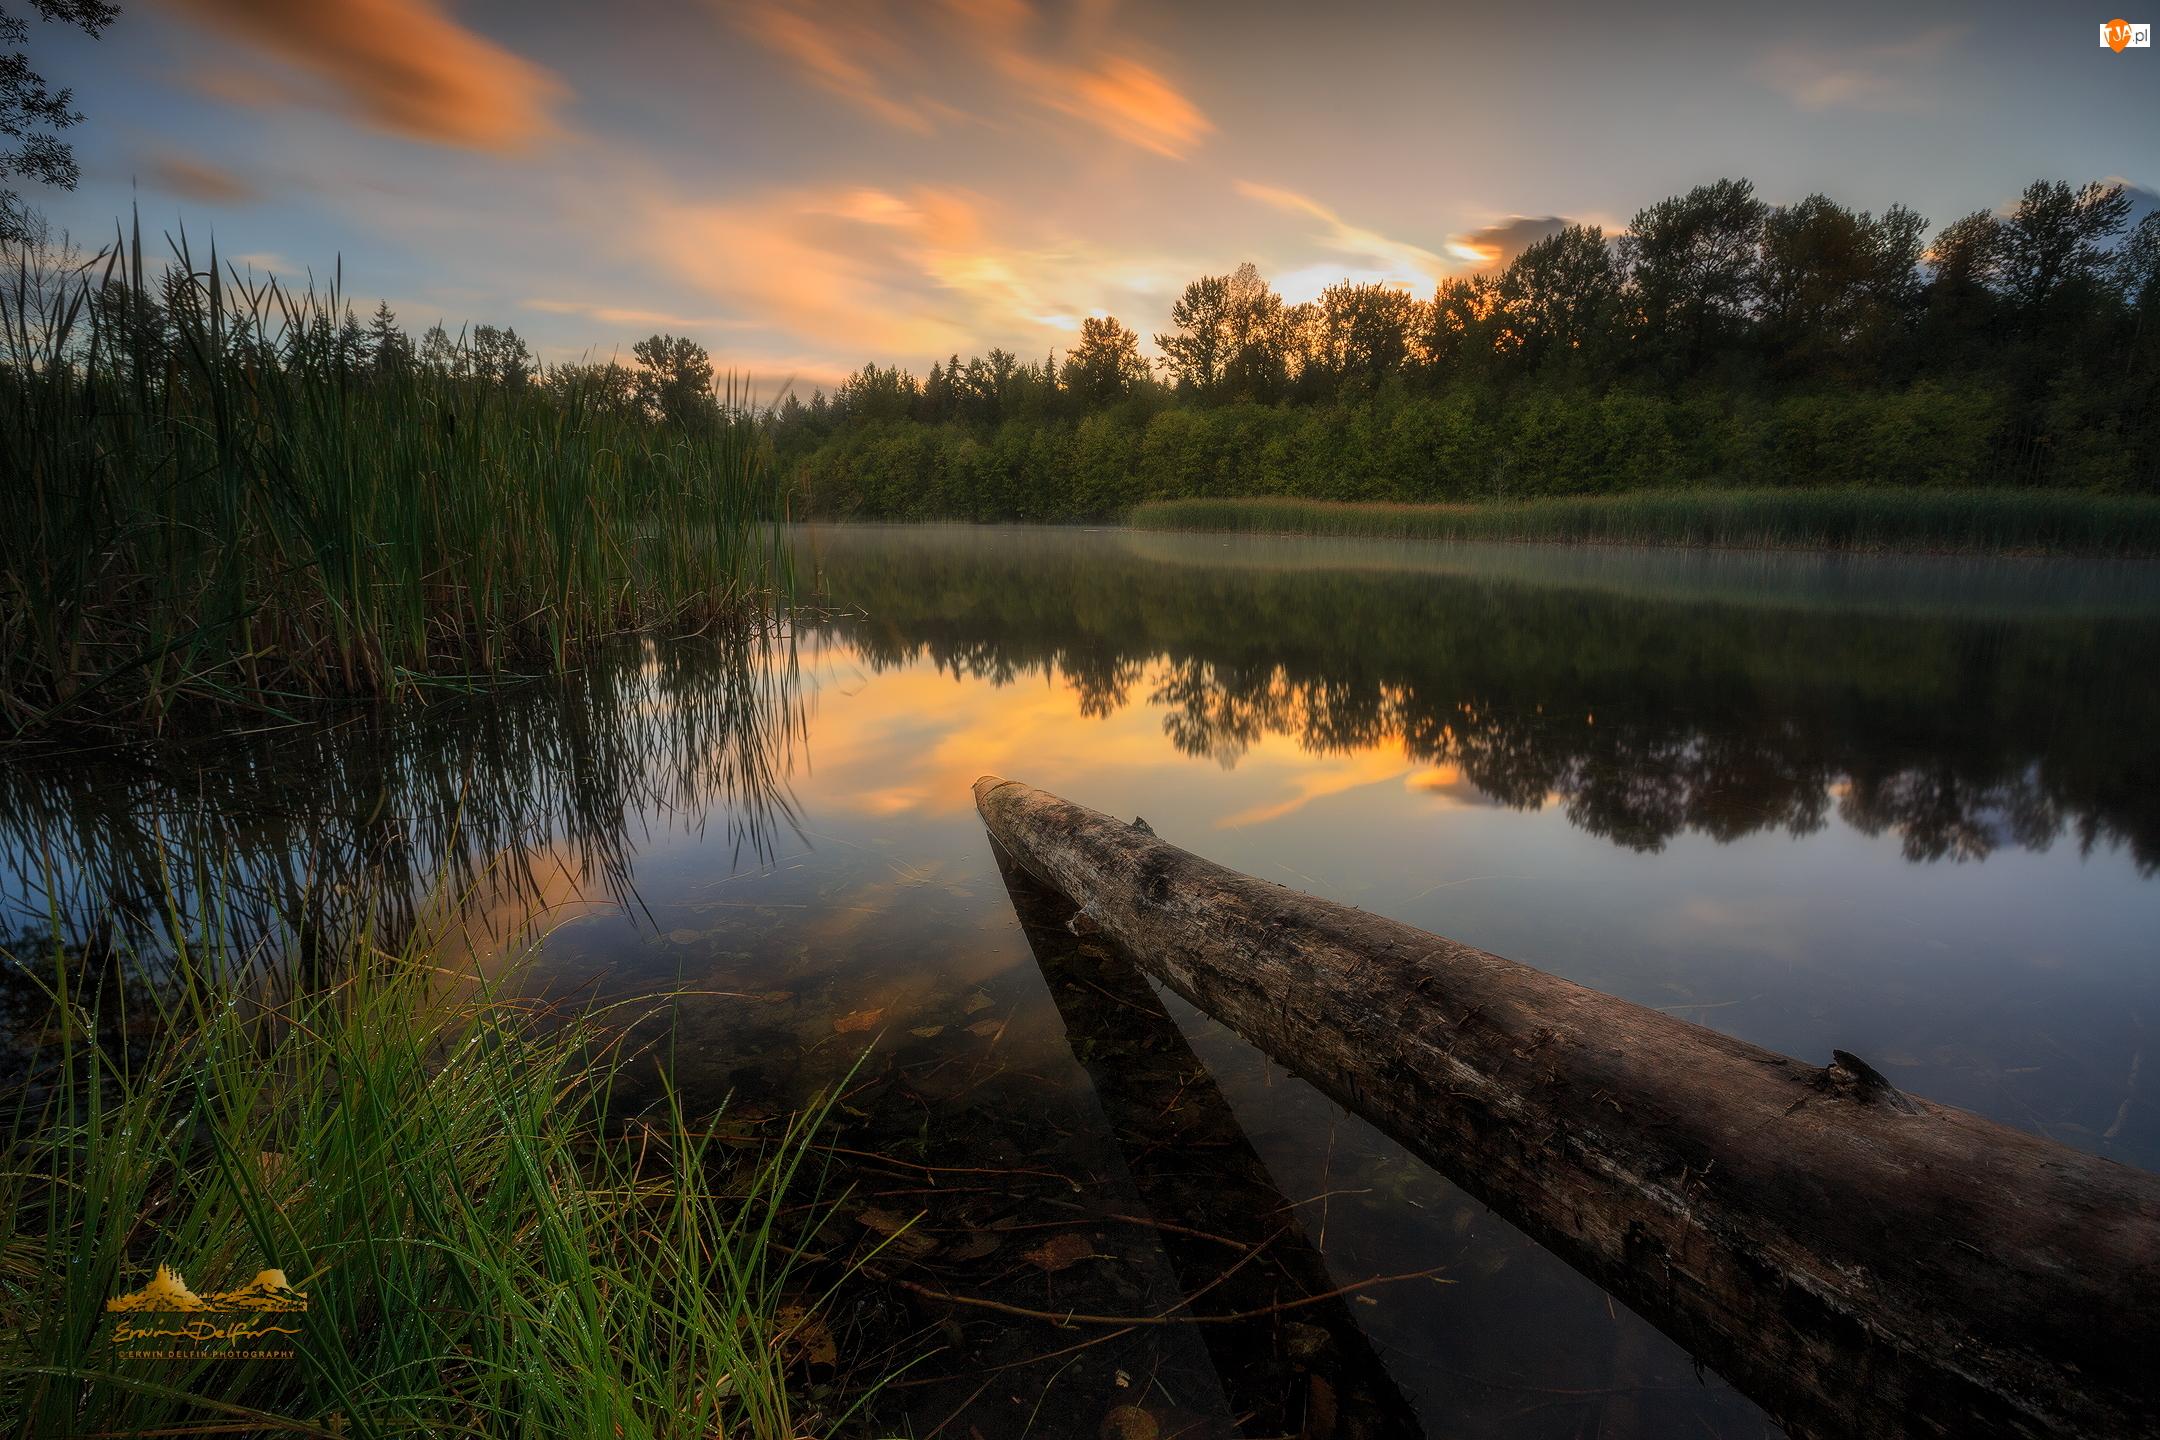 Surrey, Jezioro Green Timbers, Zachód słońca, Kolumbia Brytyjska, Drzewa, Kłoda, Kanada, Trawa